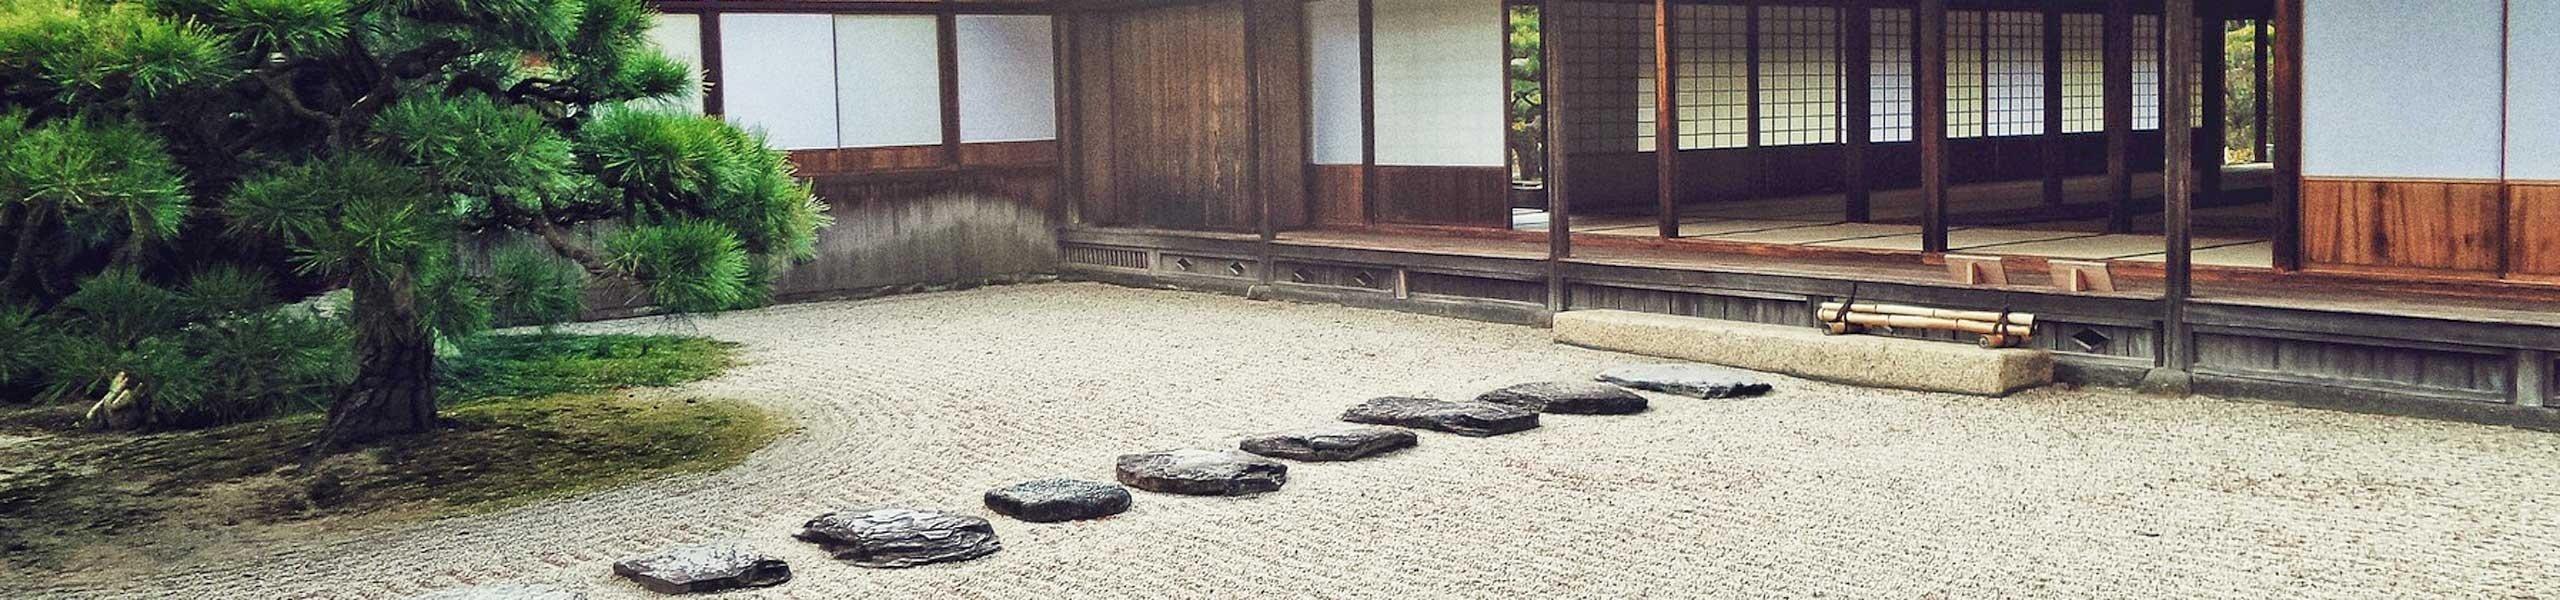 Pas japonnais dans une cour